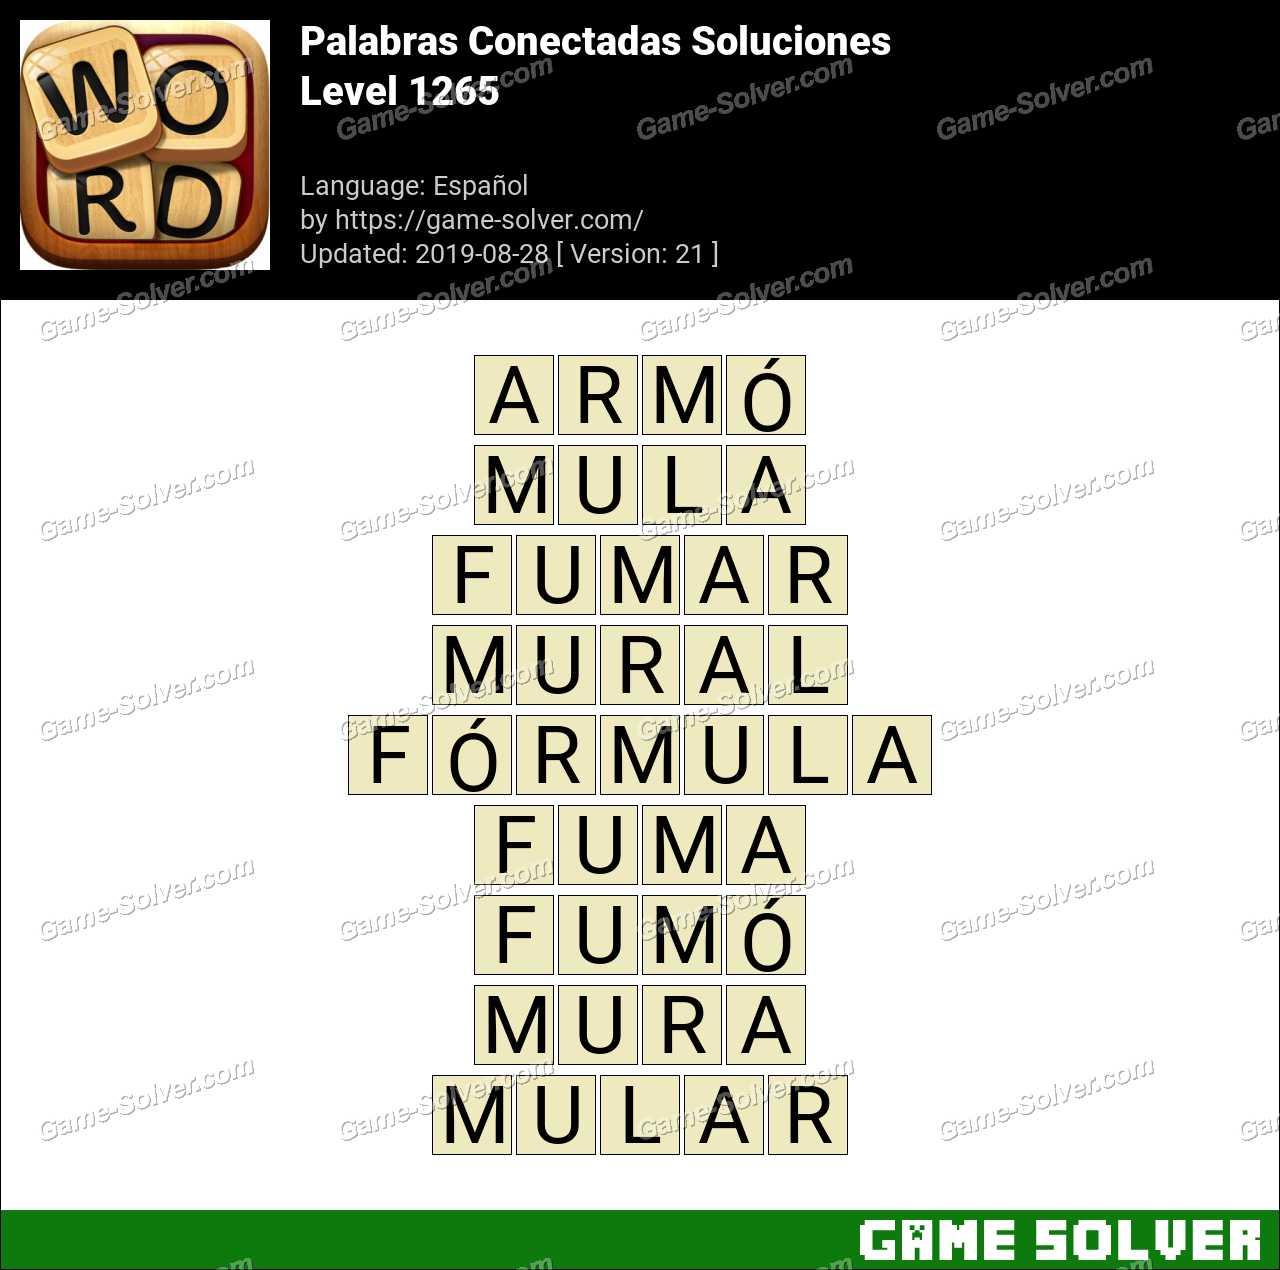 Palabras Conectadas Nivel 1265 Soluciones